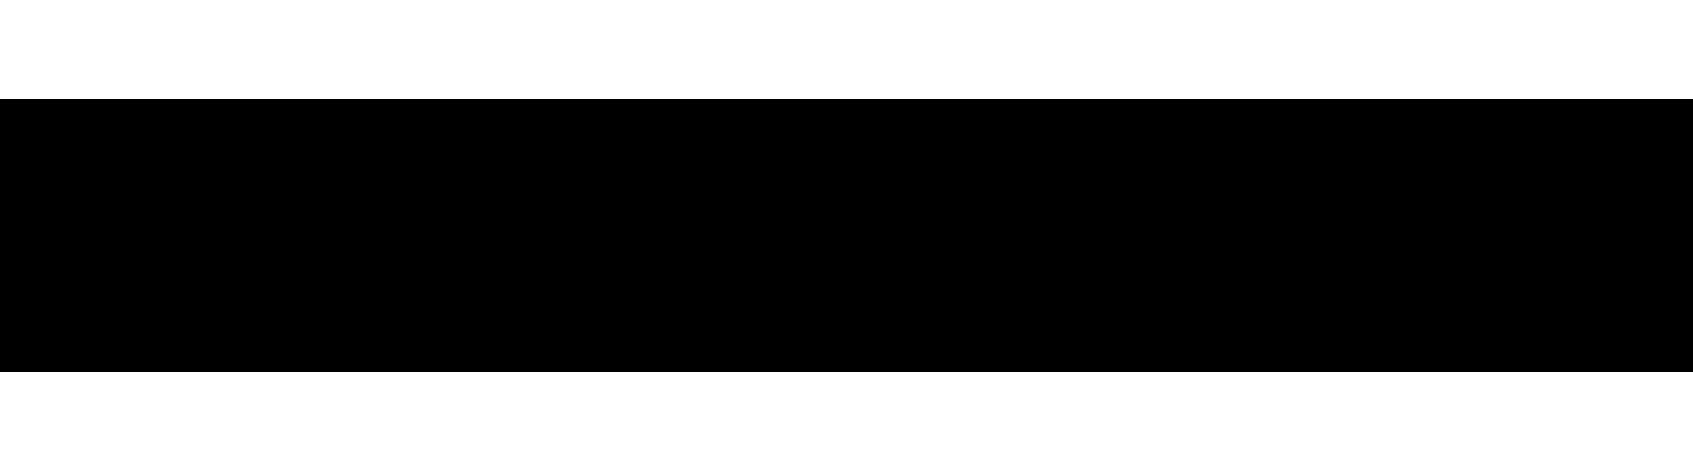 Bekkjarvik Gjestgiveri